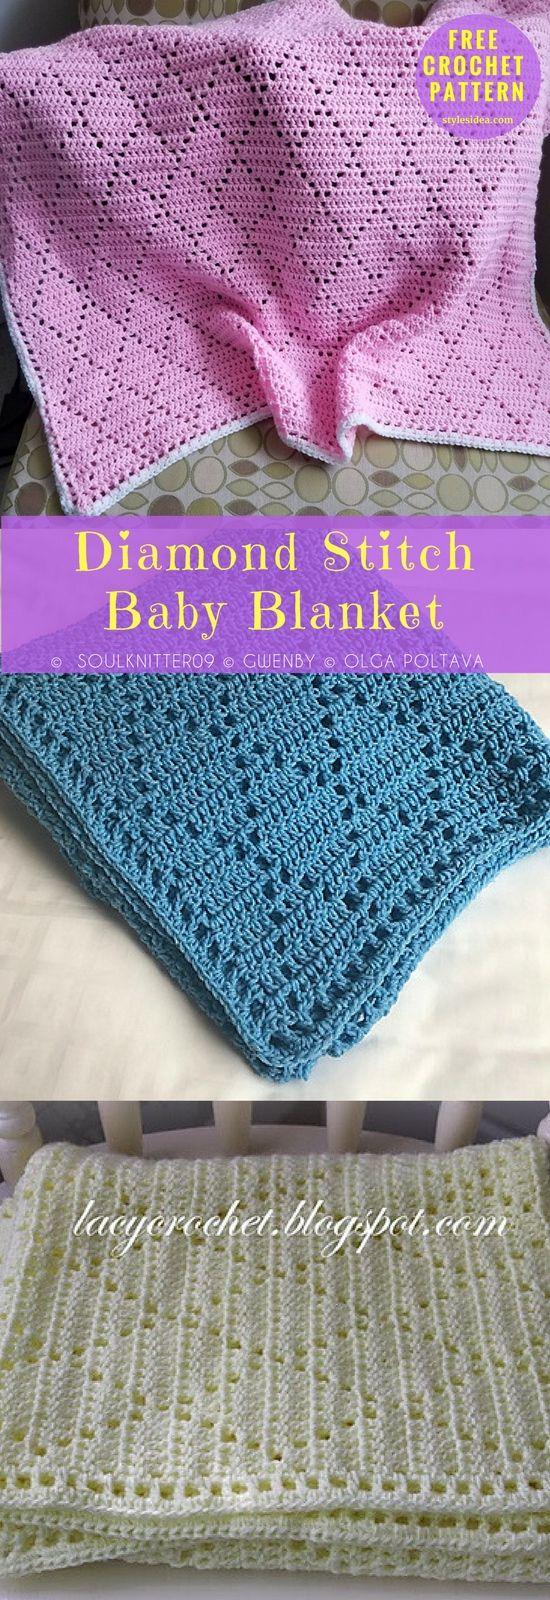 458 Best Crochet Knitting Images On Pinterest Chrochet By Tashiab Basic Granny Square Stitch Diagram Diamond Baby Blanket Free Pattern